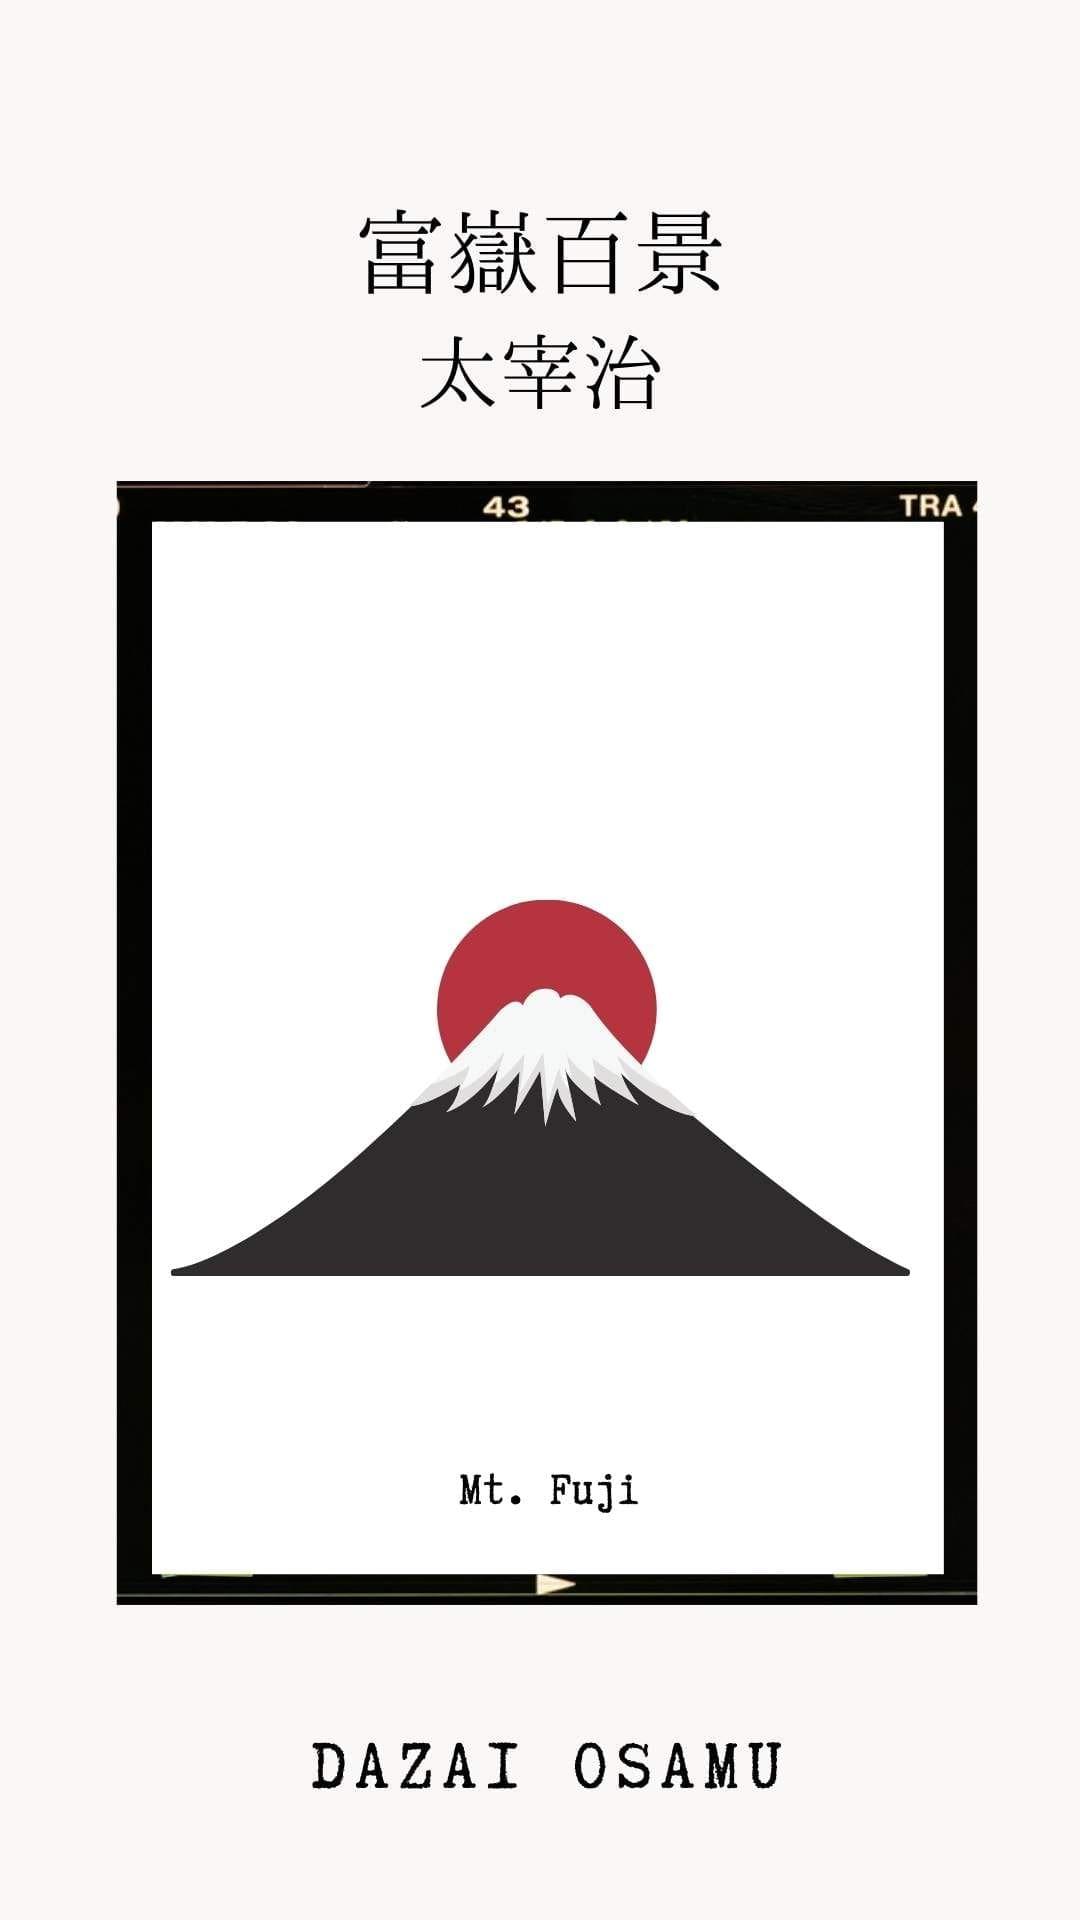 太宰治, 富嶽百景, Dazai Osamu, Mt. Fuji. Maplopo